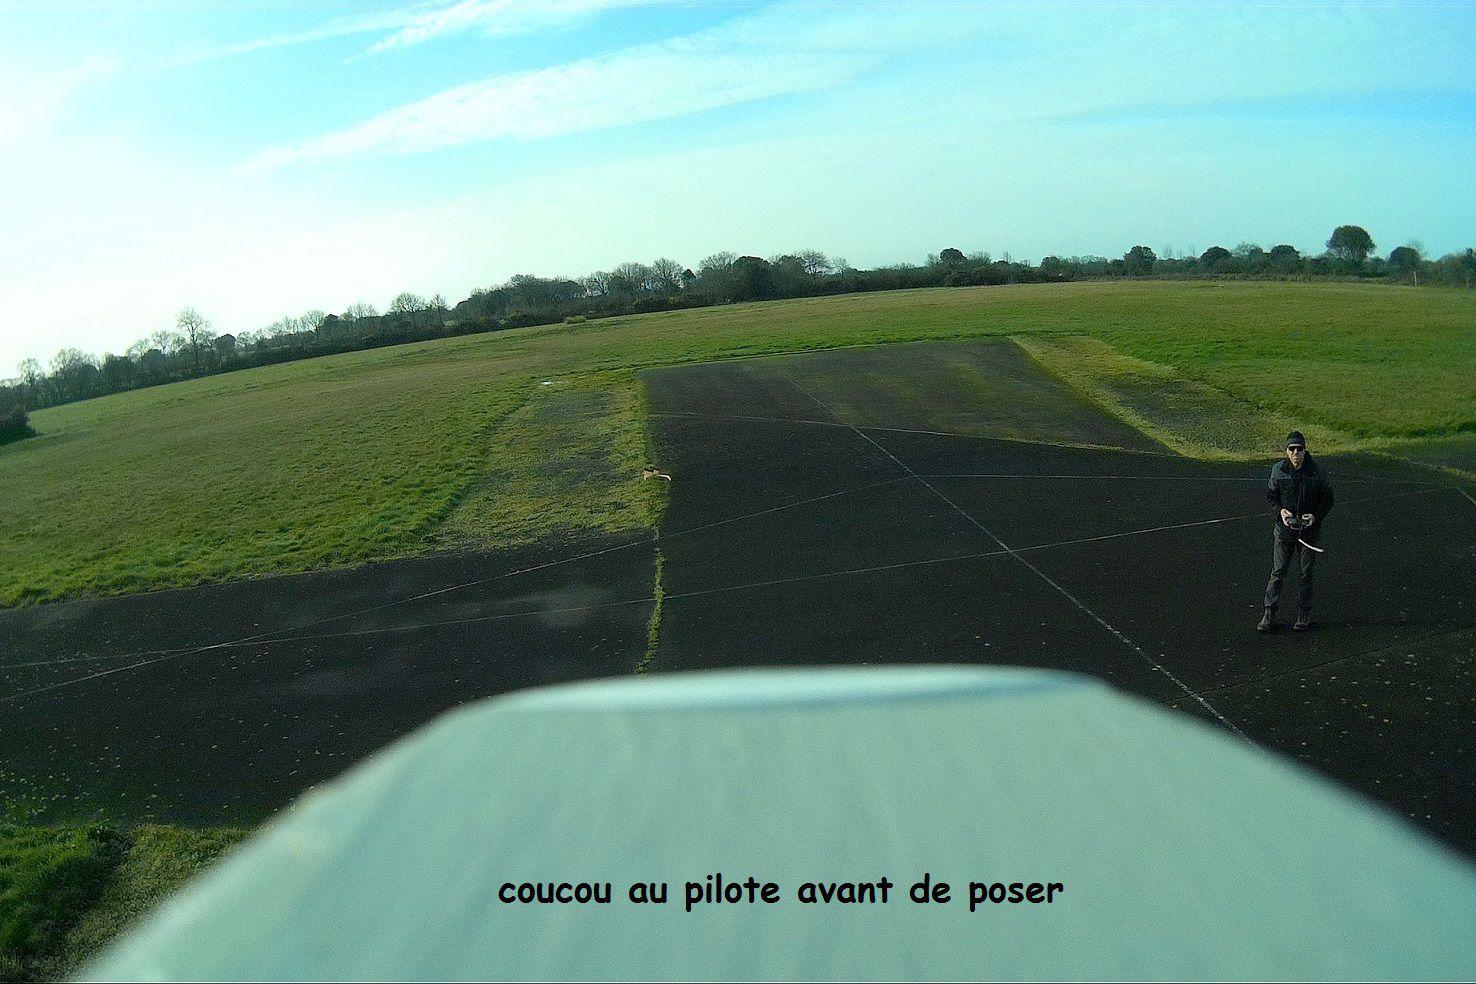 Planeur au Coudriou / Photos aériennes